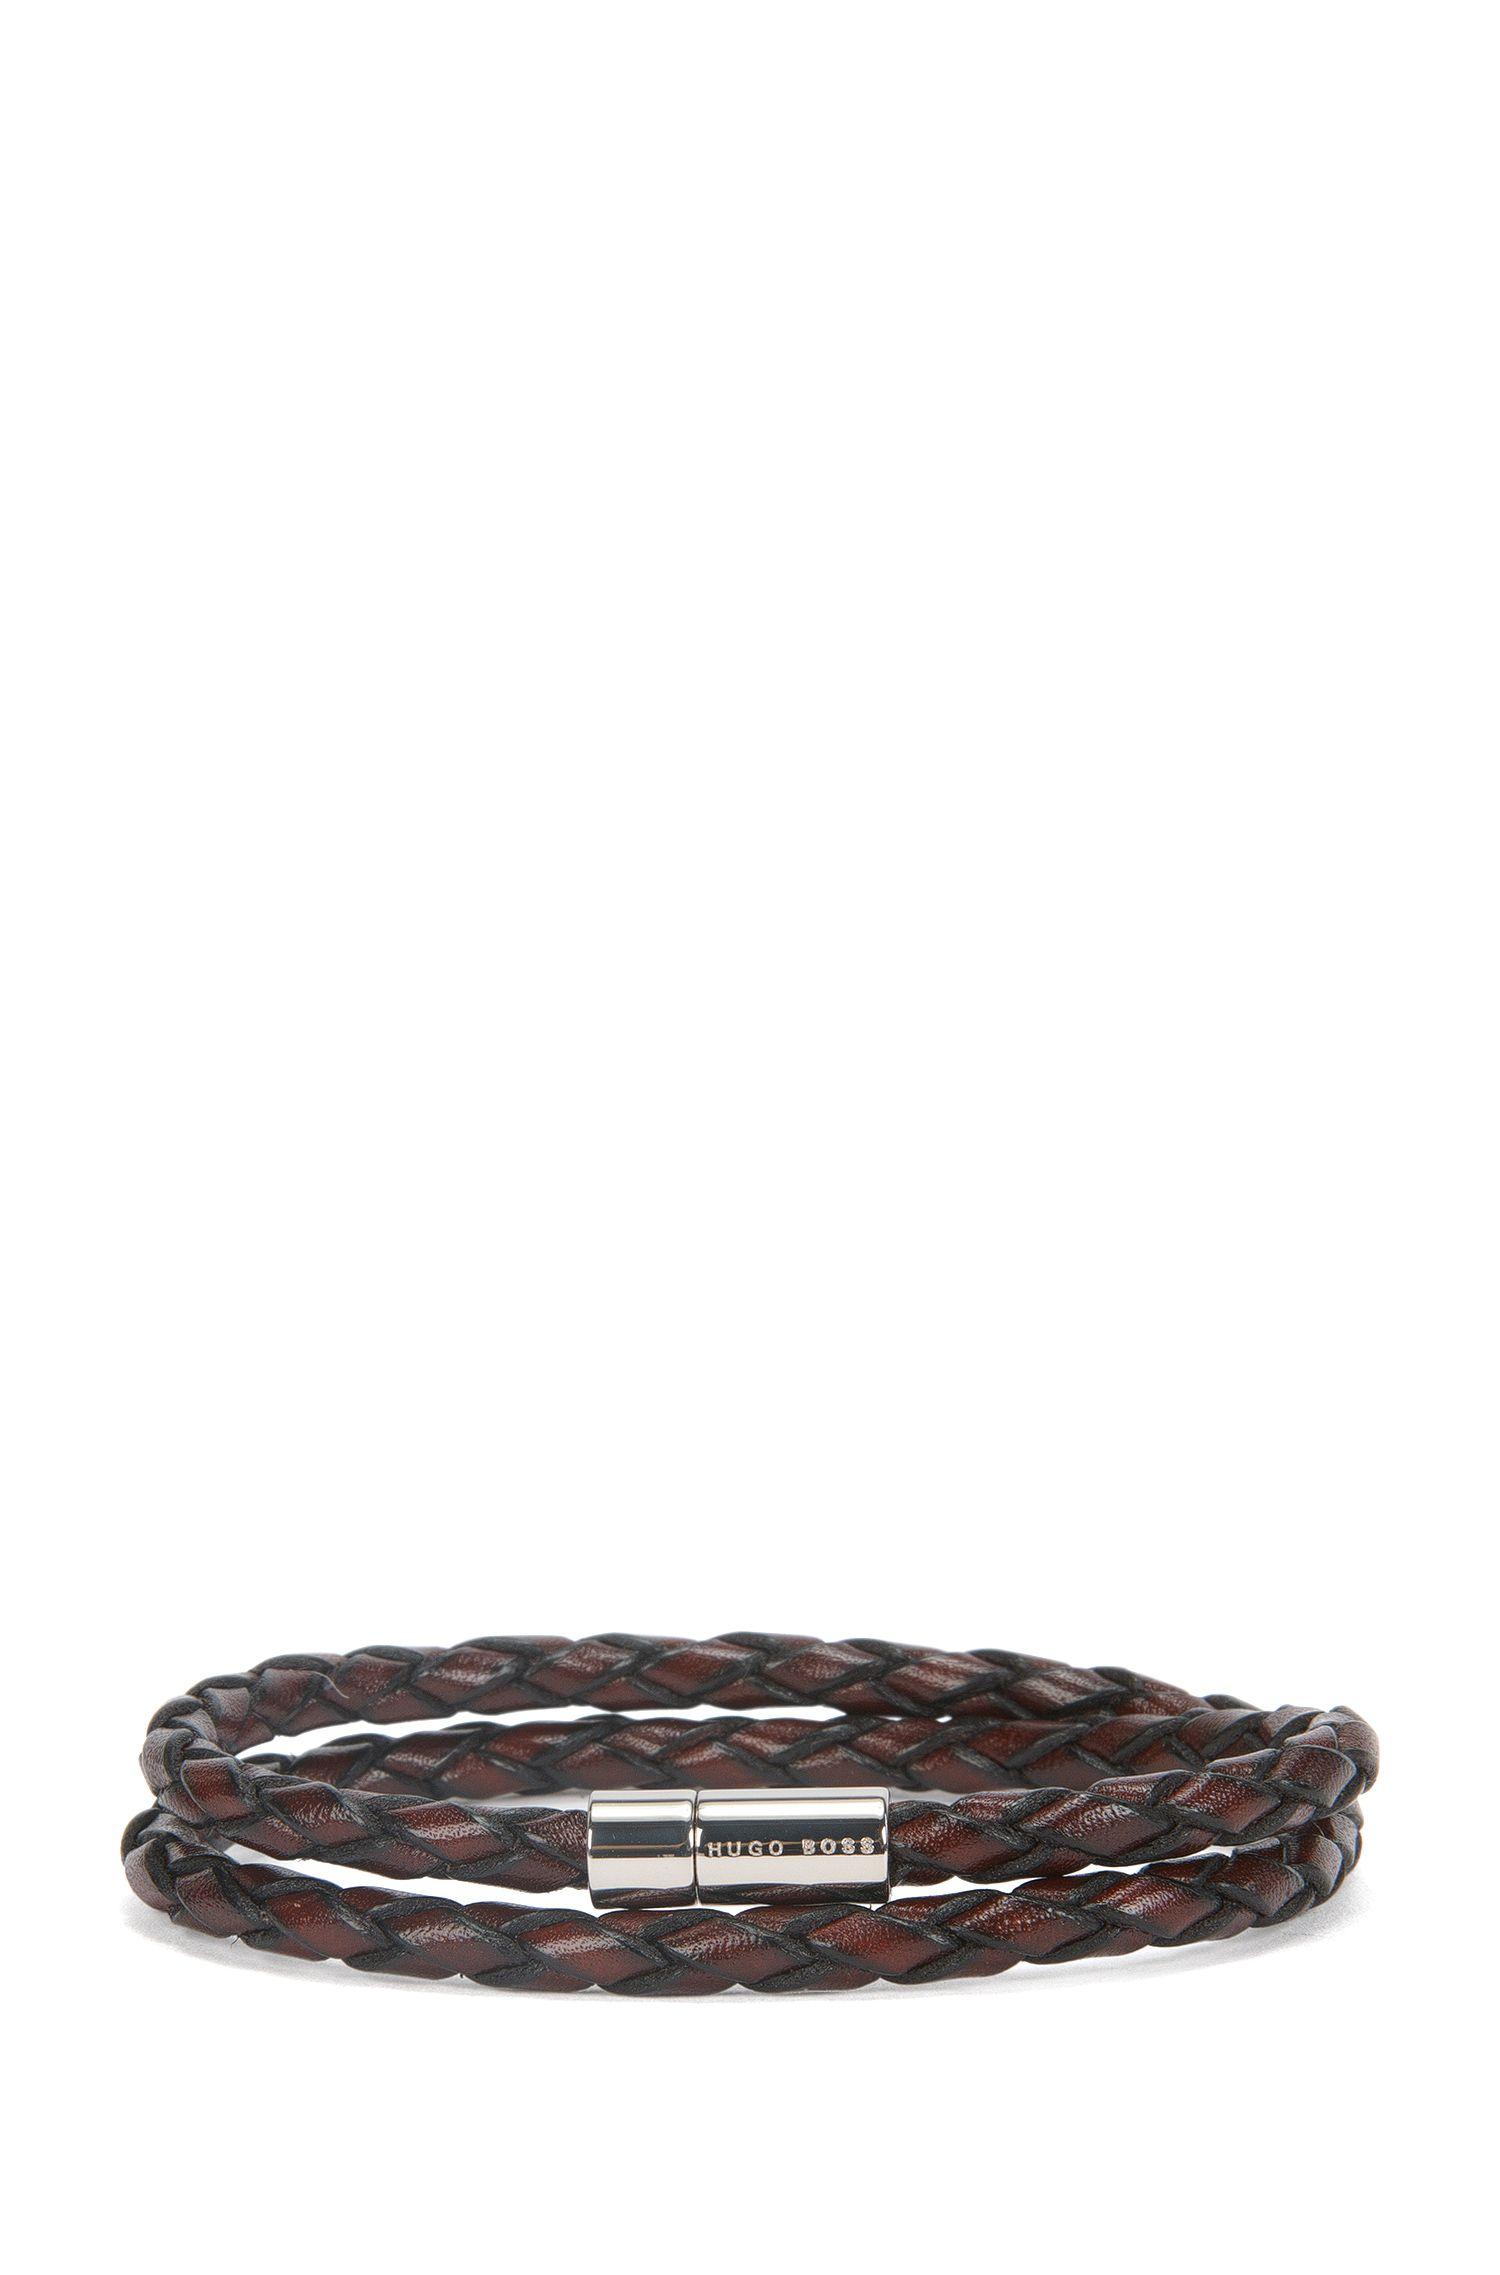 Geflochtenes Armband aus Leder mit metallenem Verschluss